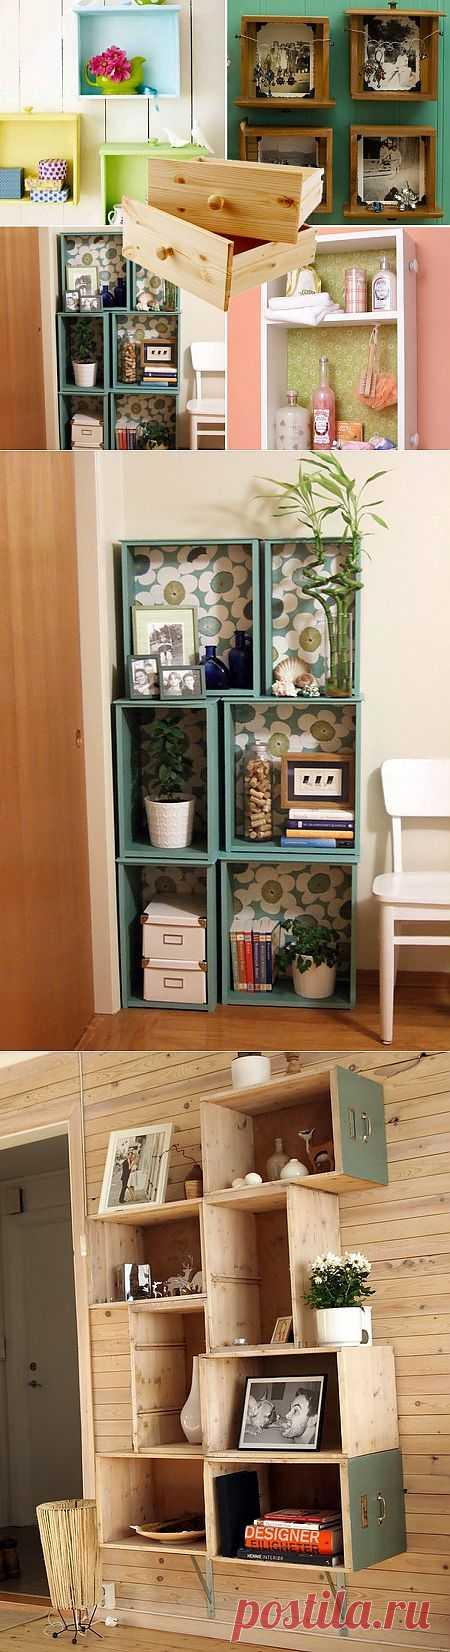 Ящики от старых шкафов в интерьере (подборка) / Мебель / Модный сайт о стильной переделке одежды и интерьера